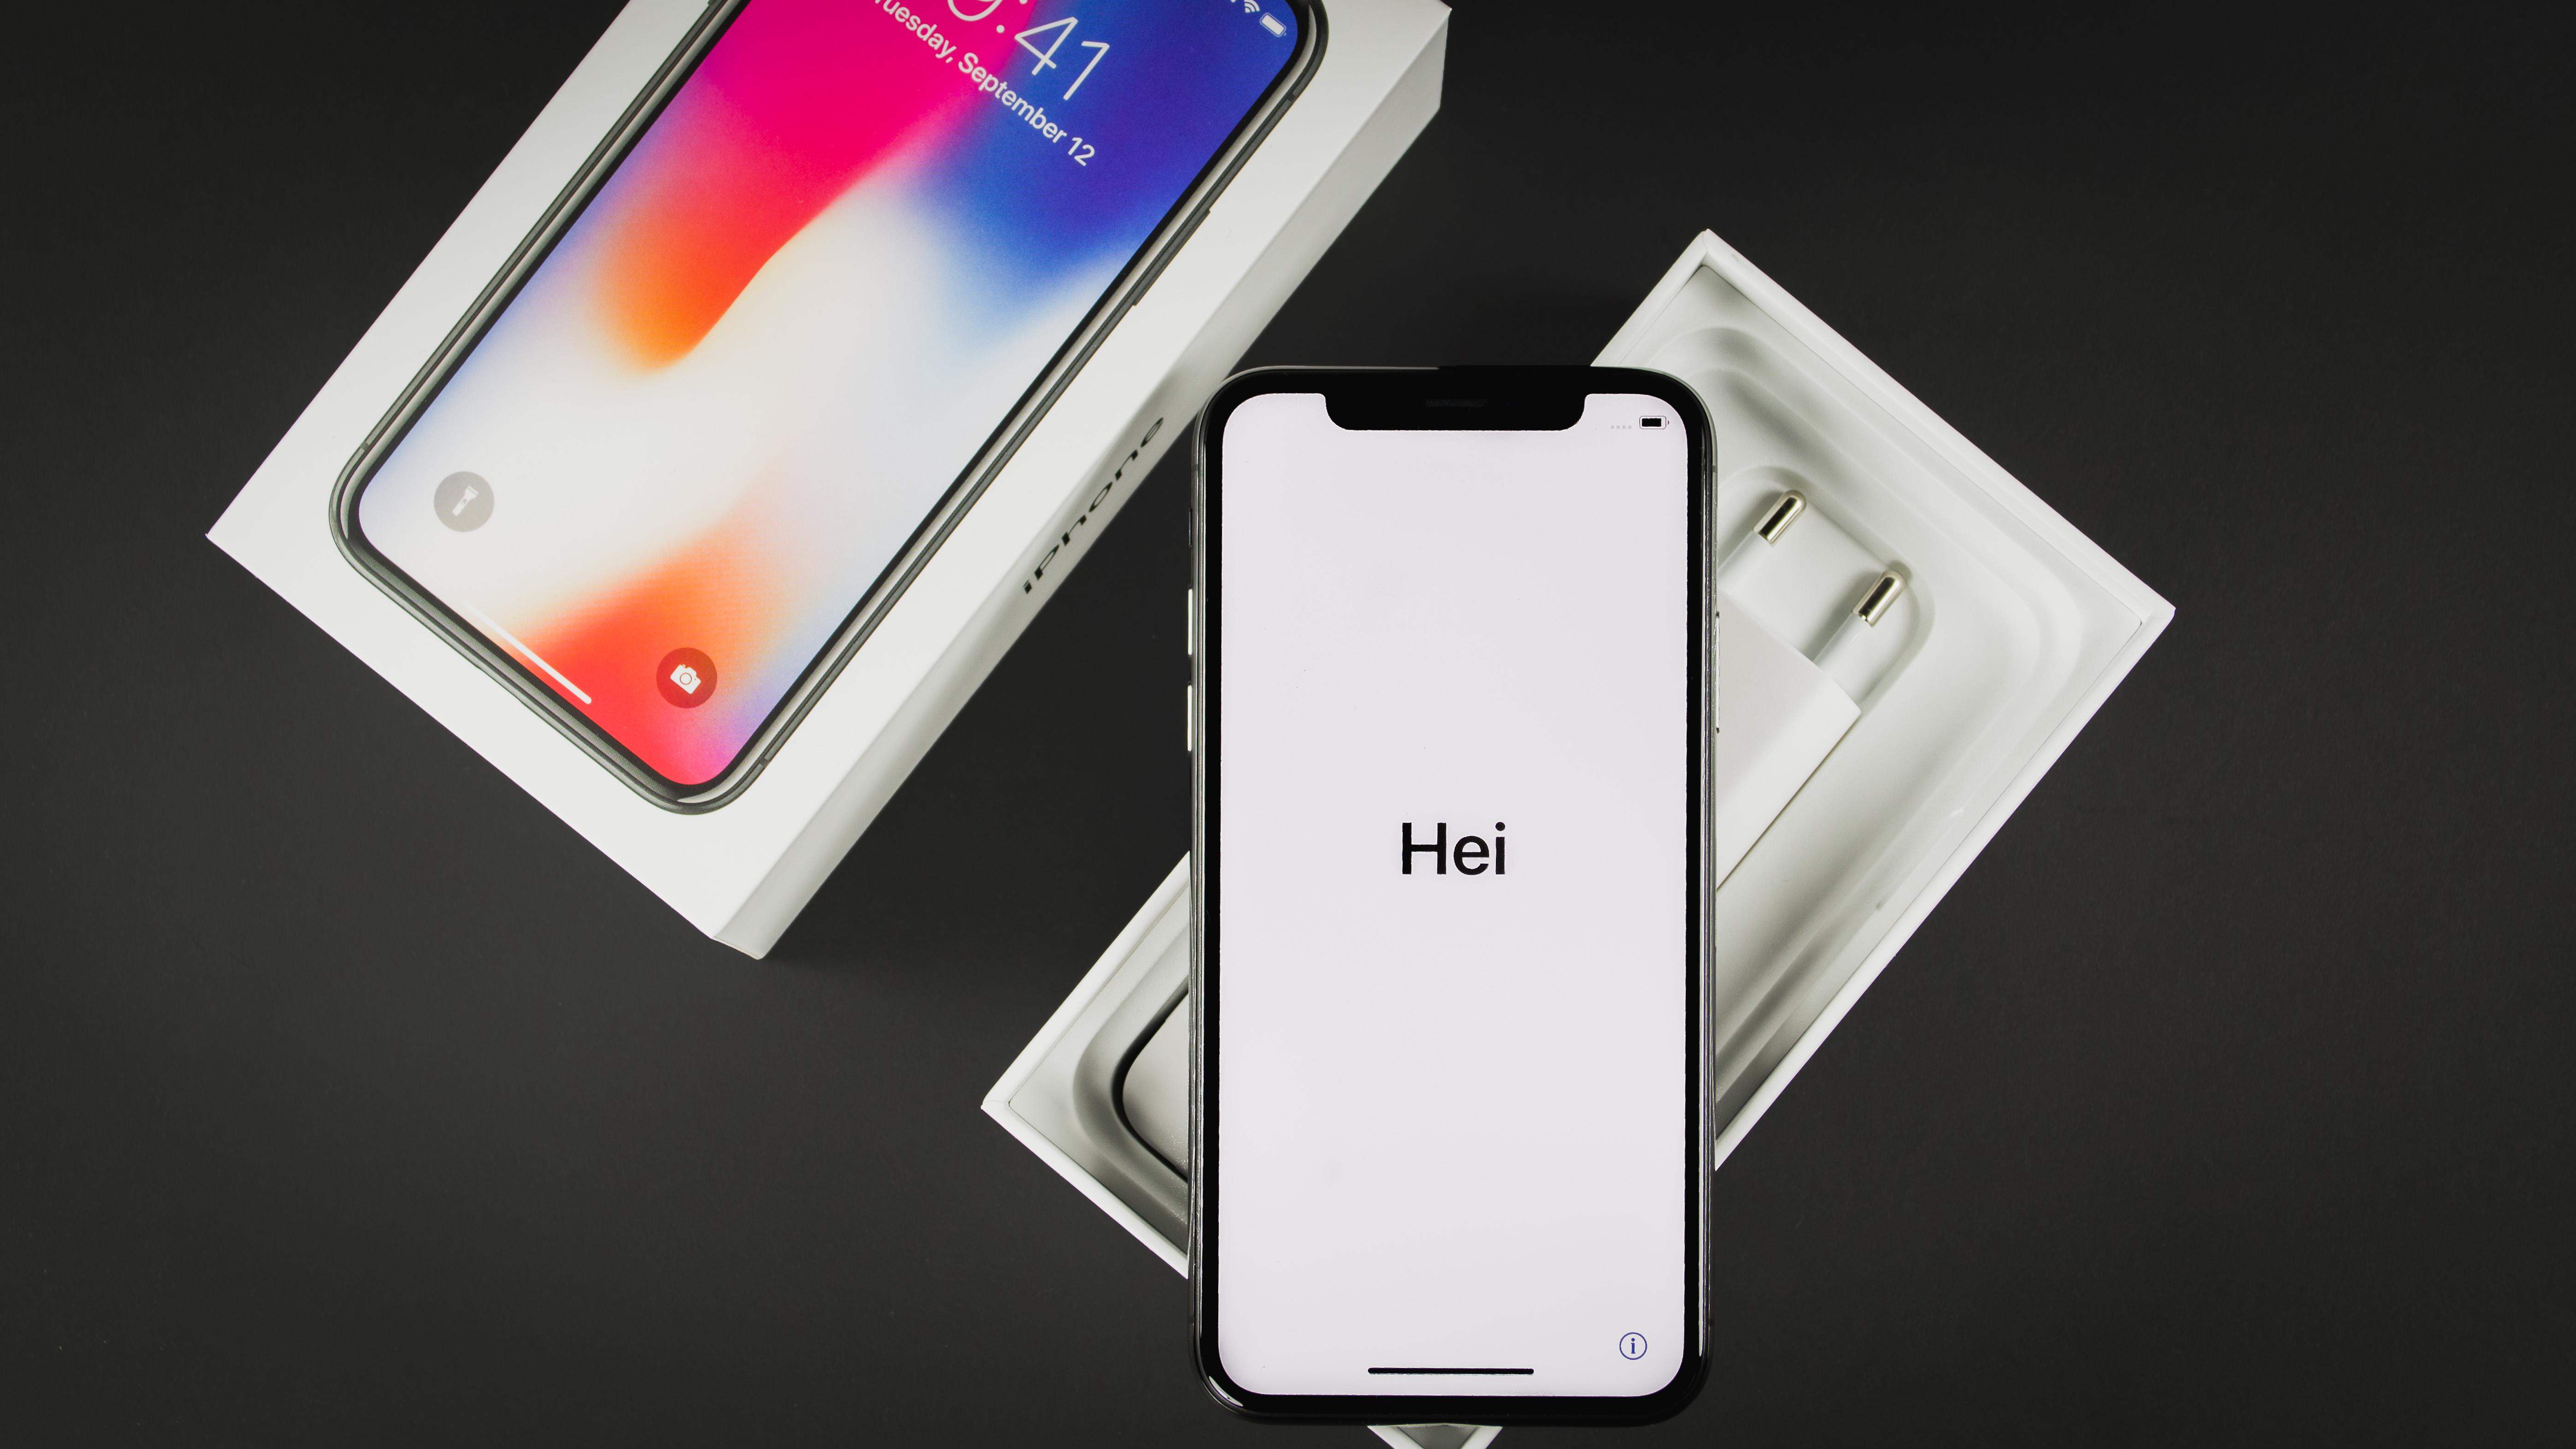 Nüüd saadaval: Apple iPhone X nutitelefonid